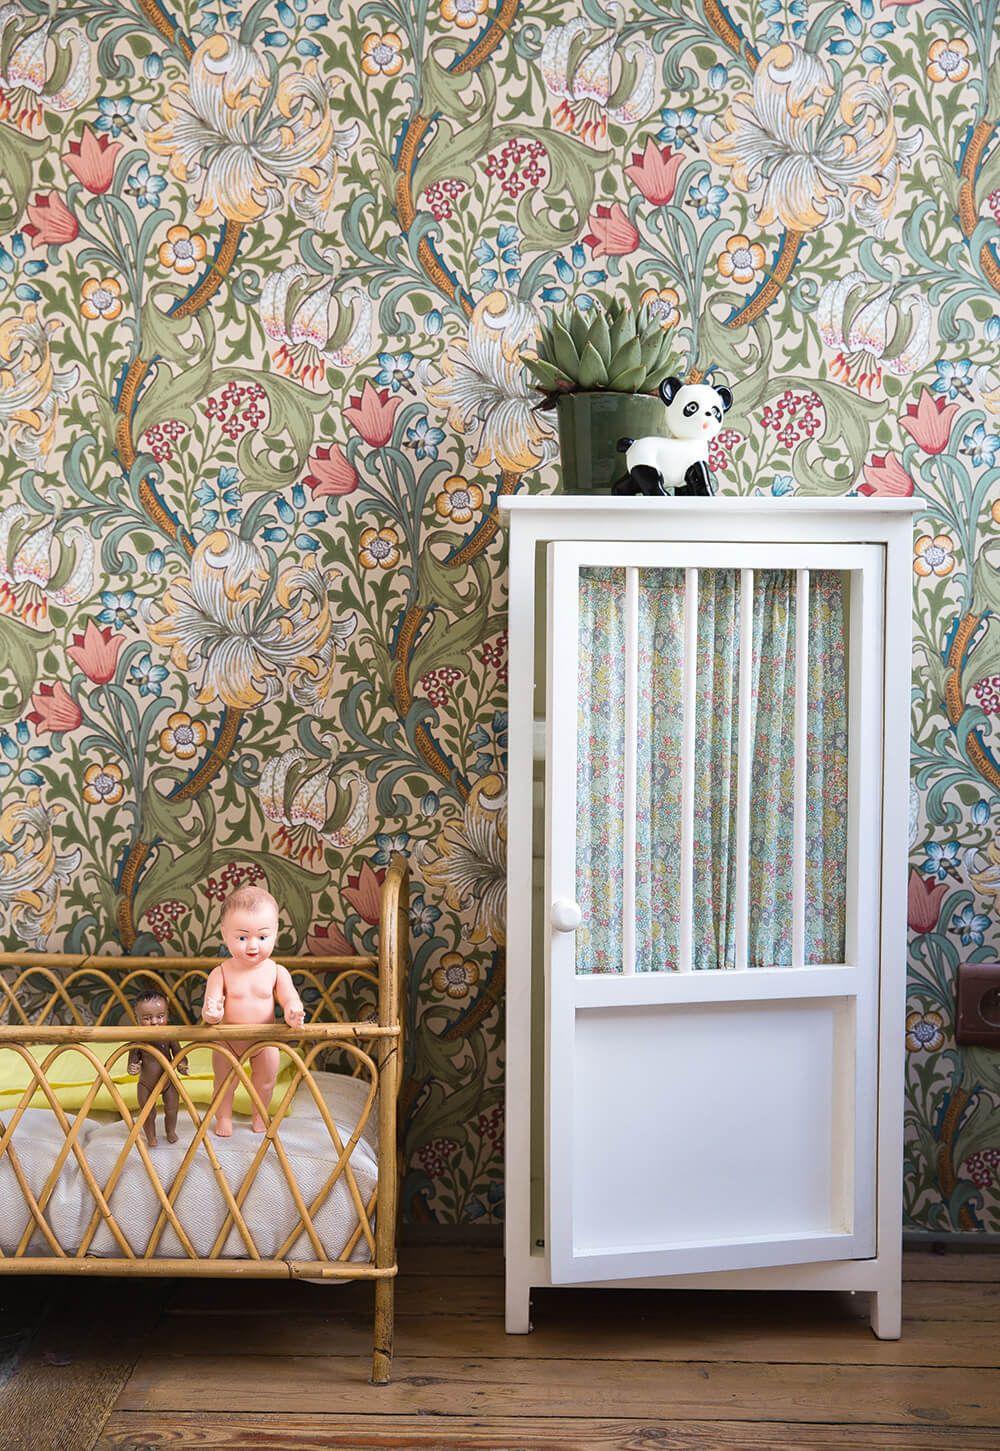 Bonton La Collection Maison 2018 Frenchy Fancy Papier Peint Chambre Enfant Papier Peint Chambre Bebe Chambre Enfant